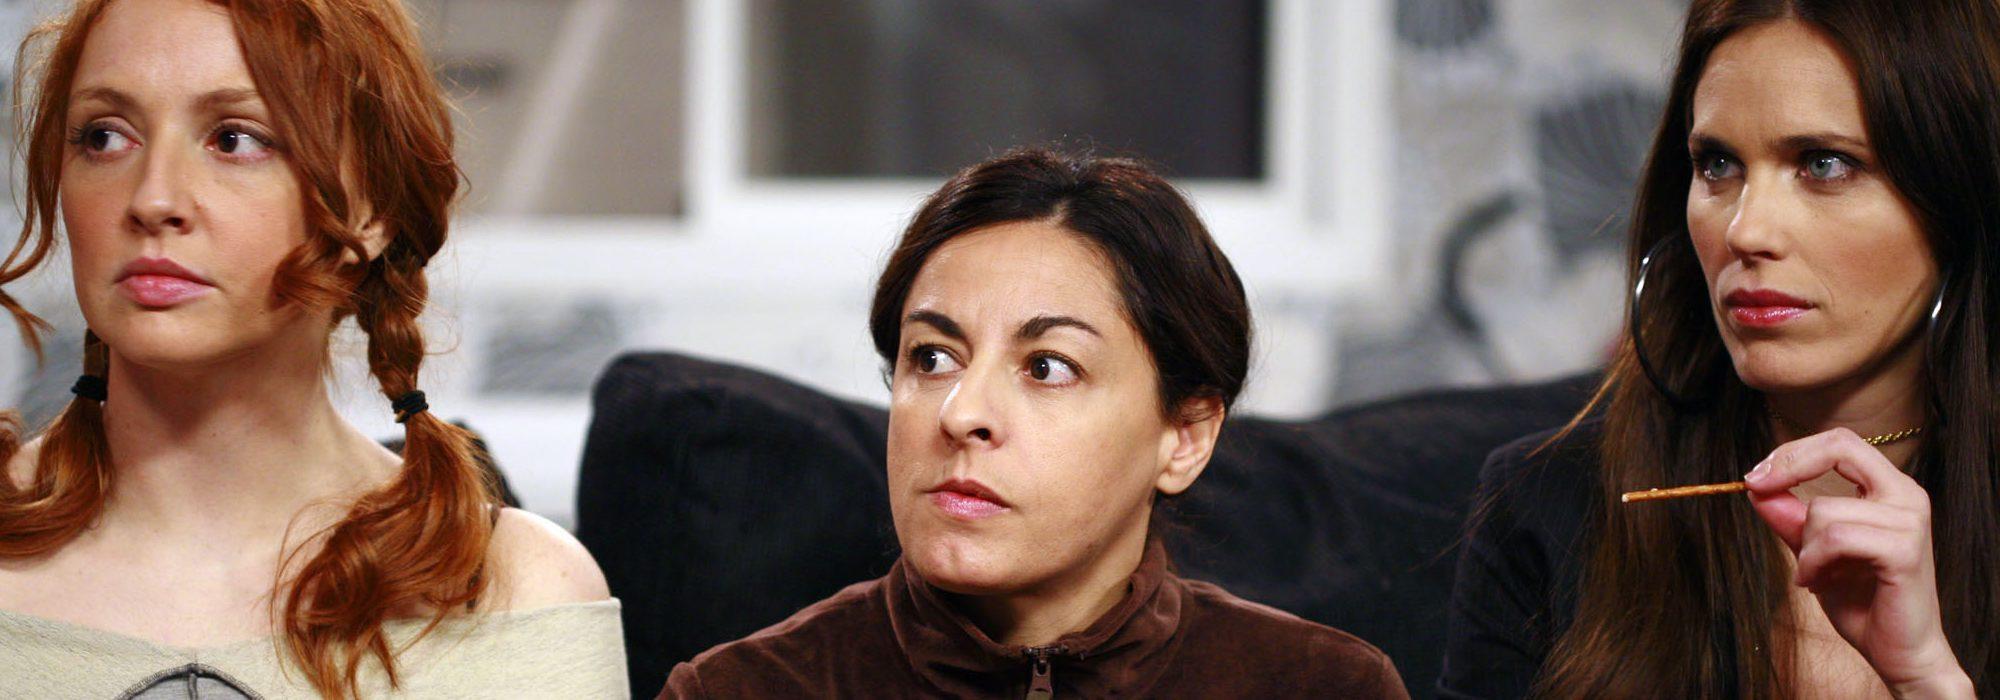 9 momentazos de Cristina Castaño como Judith Becker en 'La que se avecina'